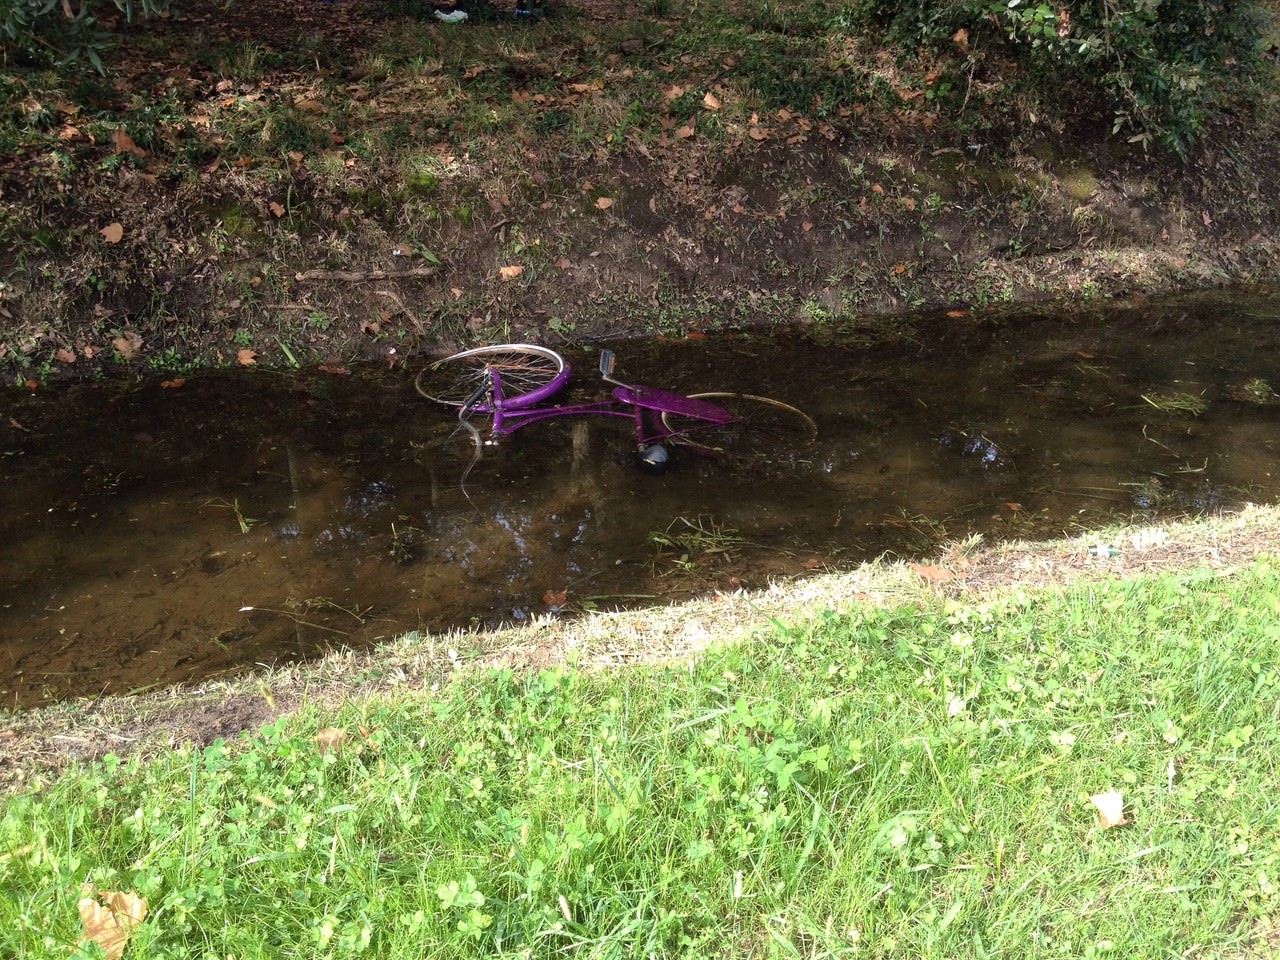 Fossi come discariche. Nelle acque della Pineta spuntano biciclette